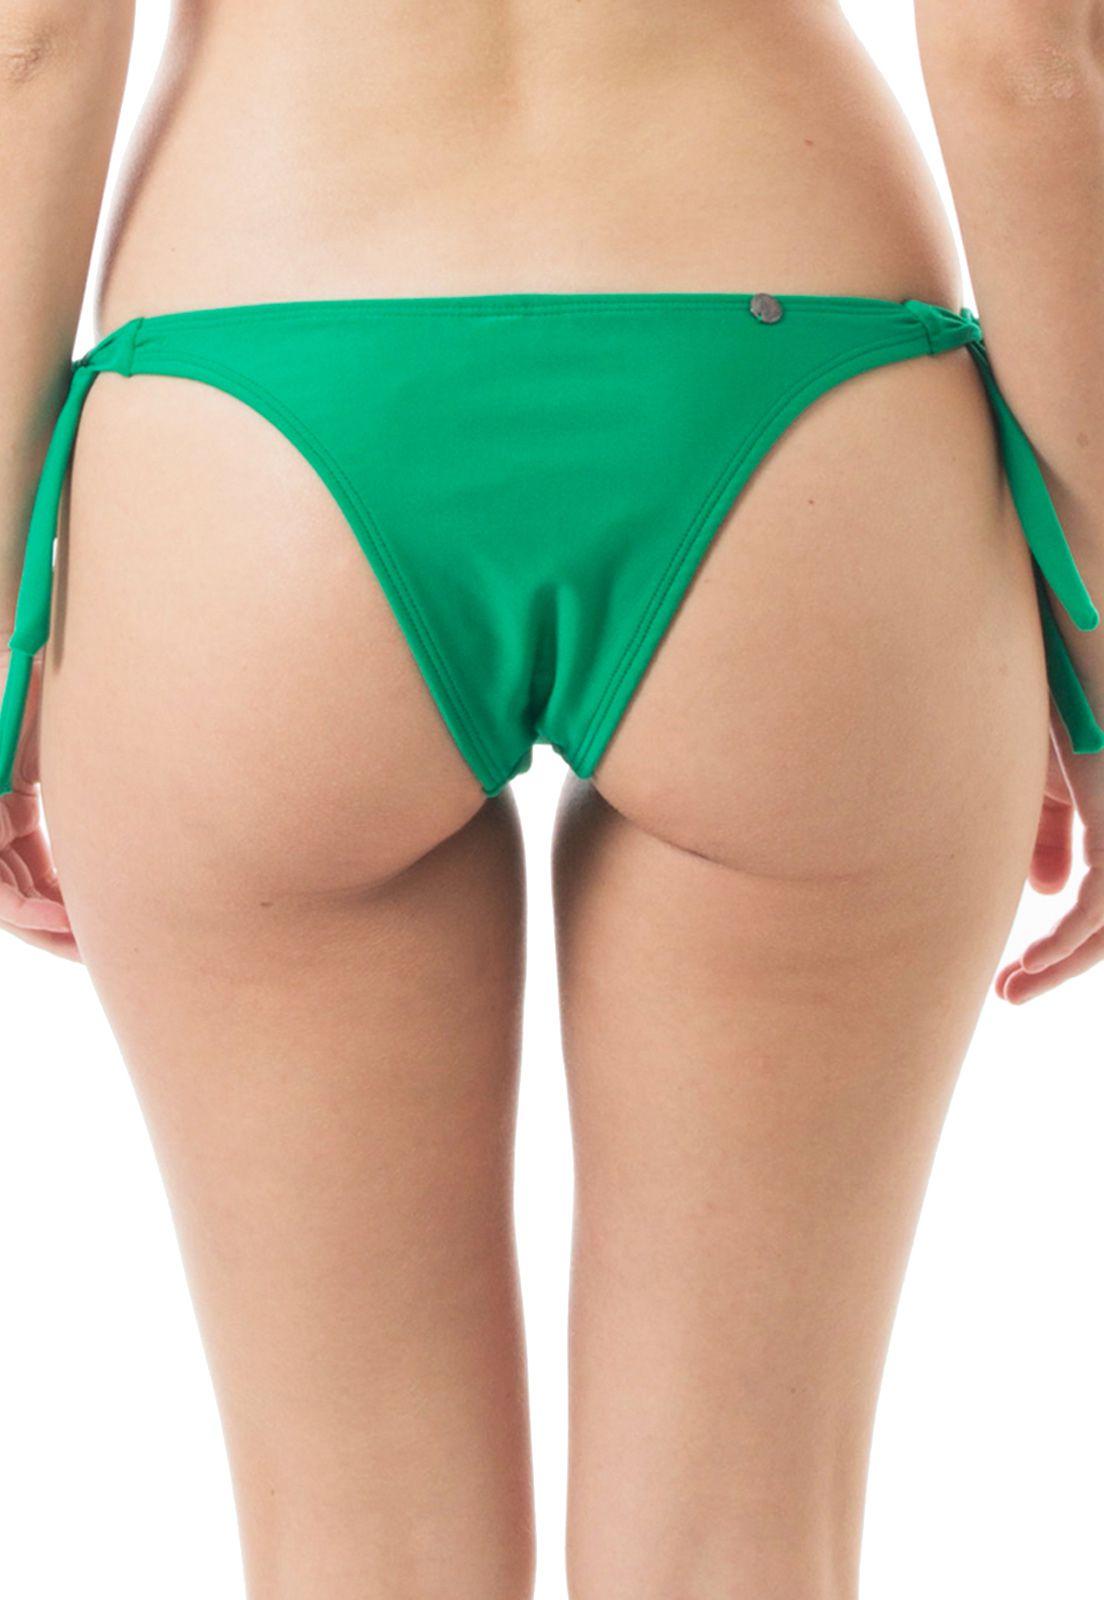 Biquíni Flavia Donadio Beachwear Aruba Lacinho Bottom - Modelo 1